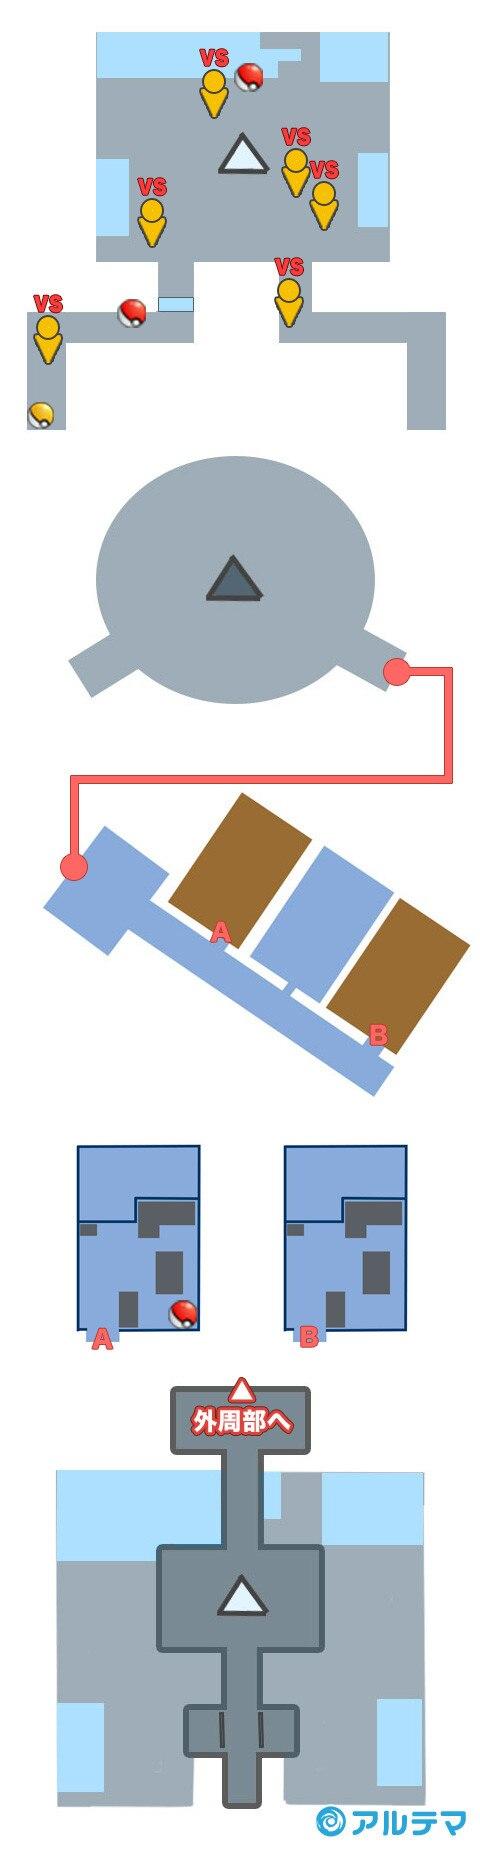 エーテルパラダイスのマップと入手道具